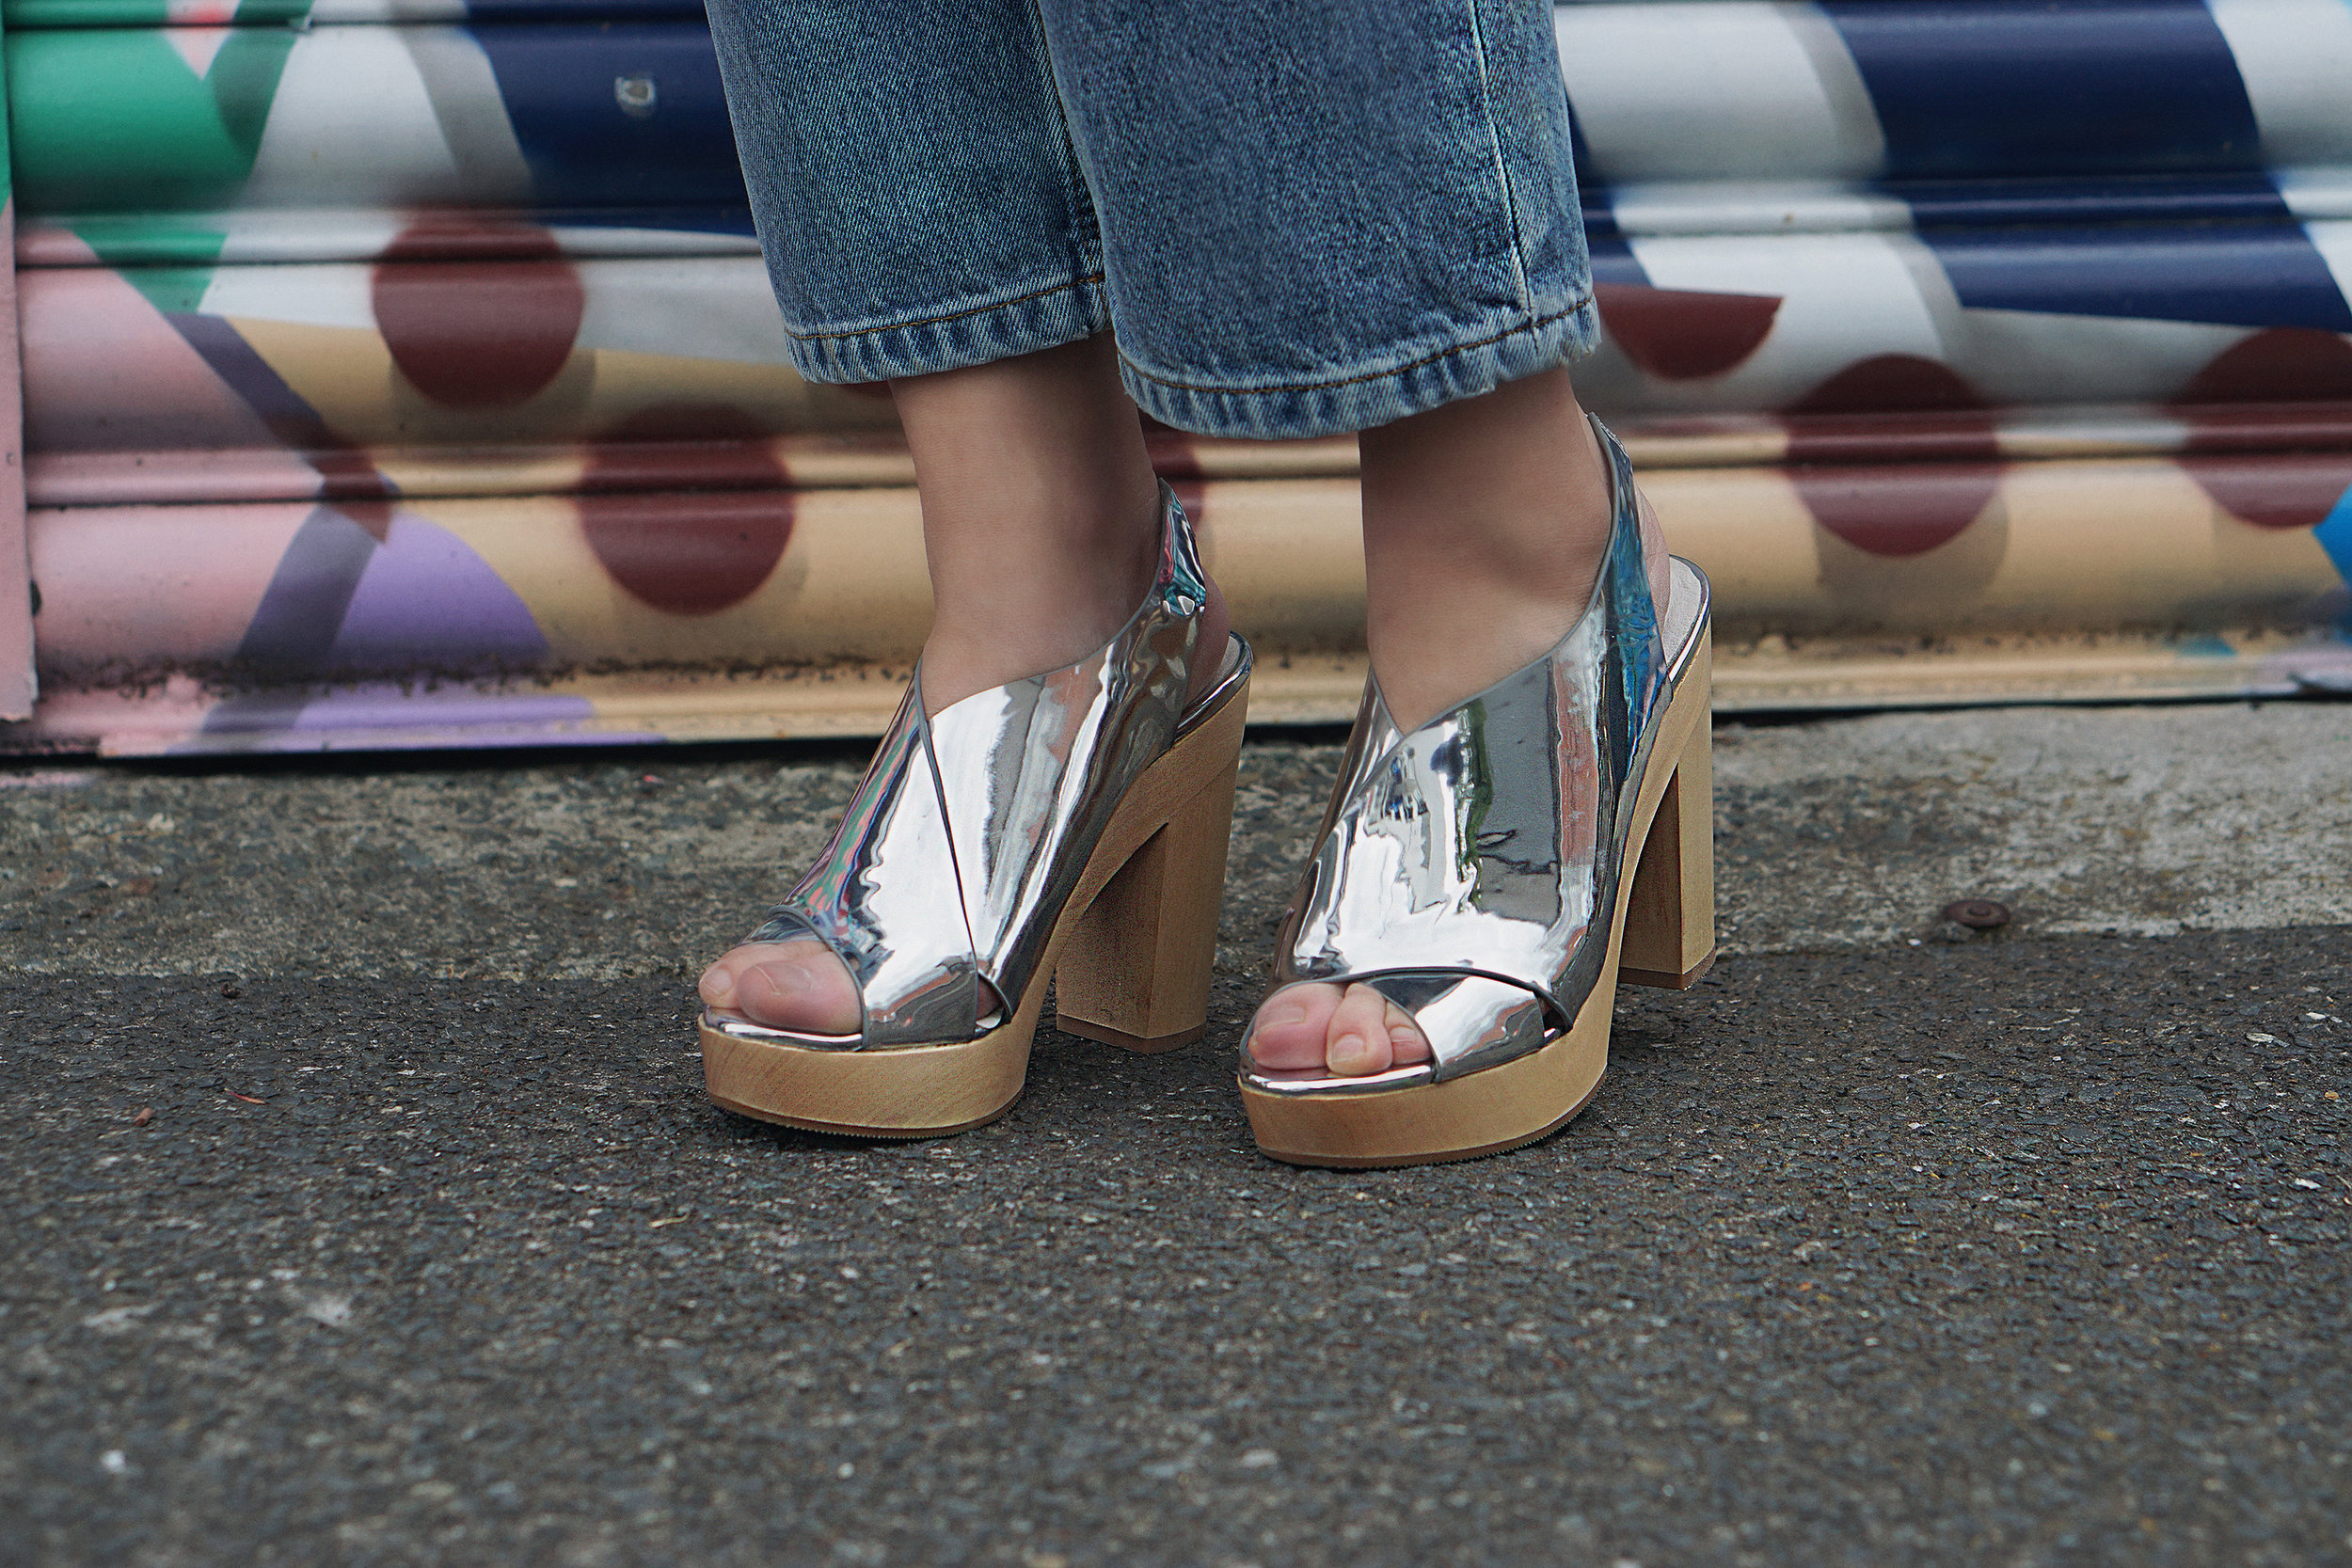 Open toe shoes + bare toenails = amateur.